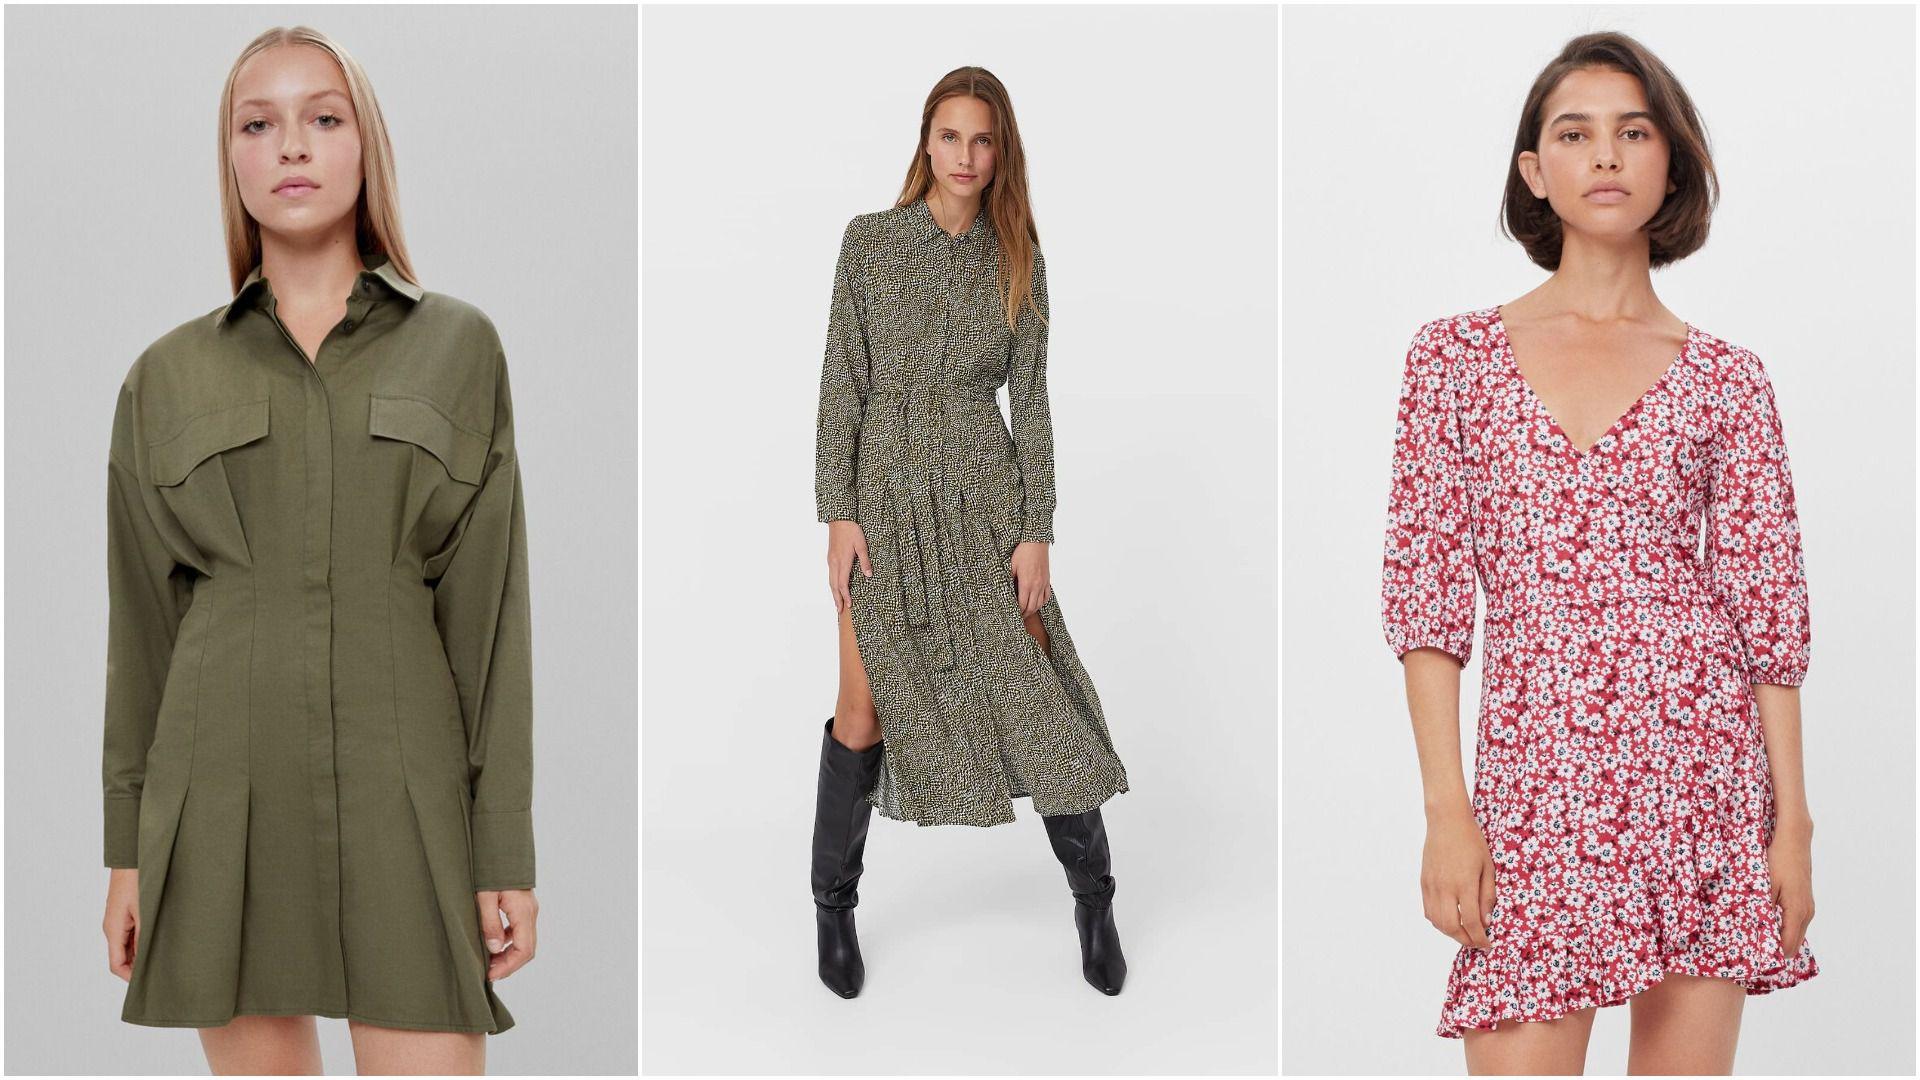 Kupite sada, nosite na proljeće i ljeto! Super haljine za koje nije potrebno izdvojiti više od 99,90 kn